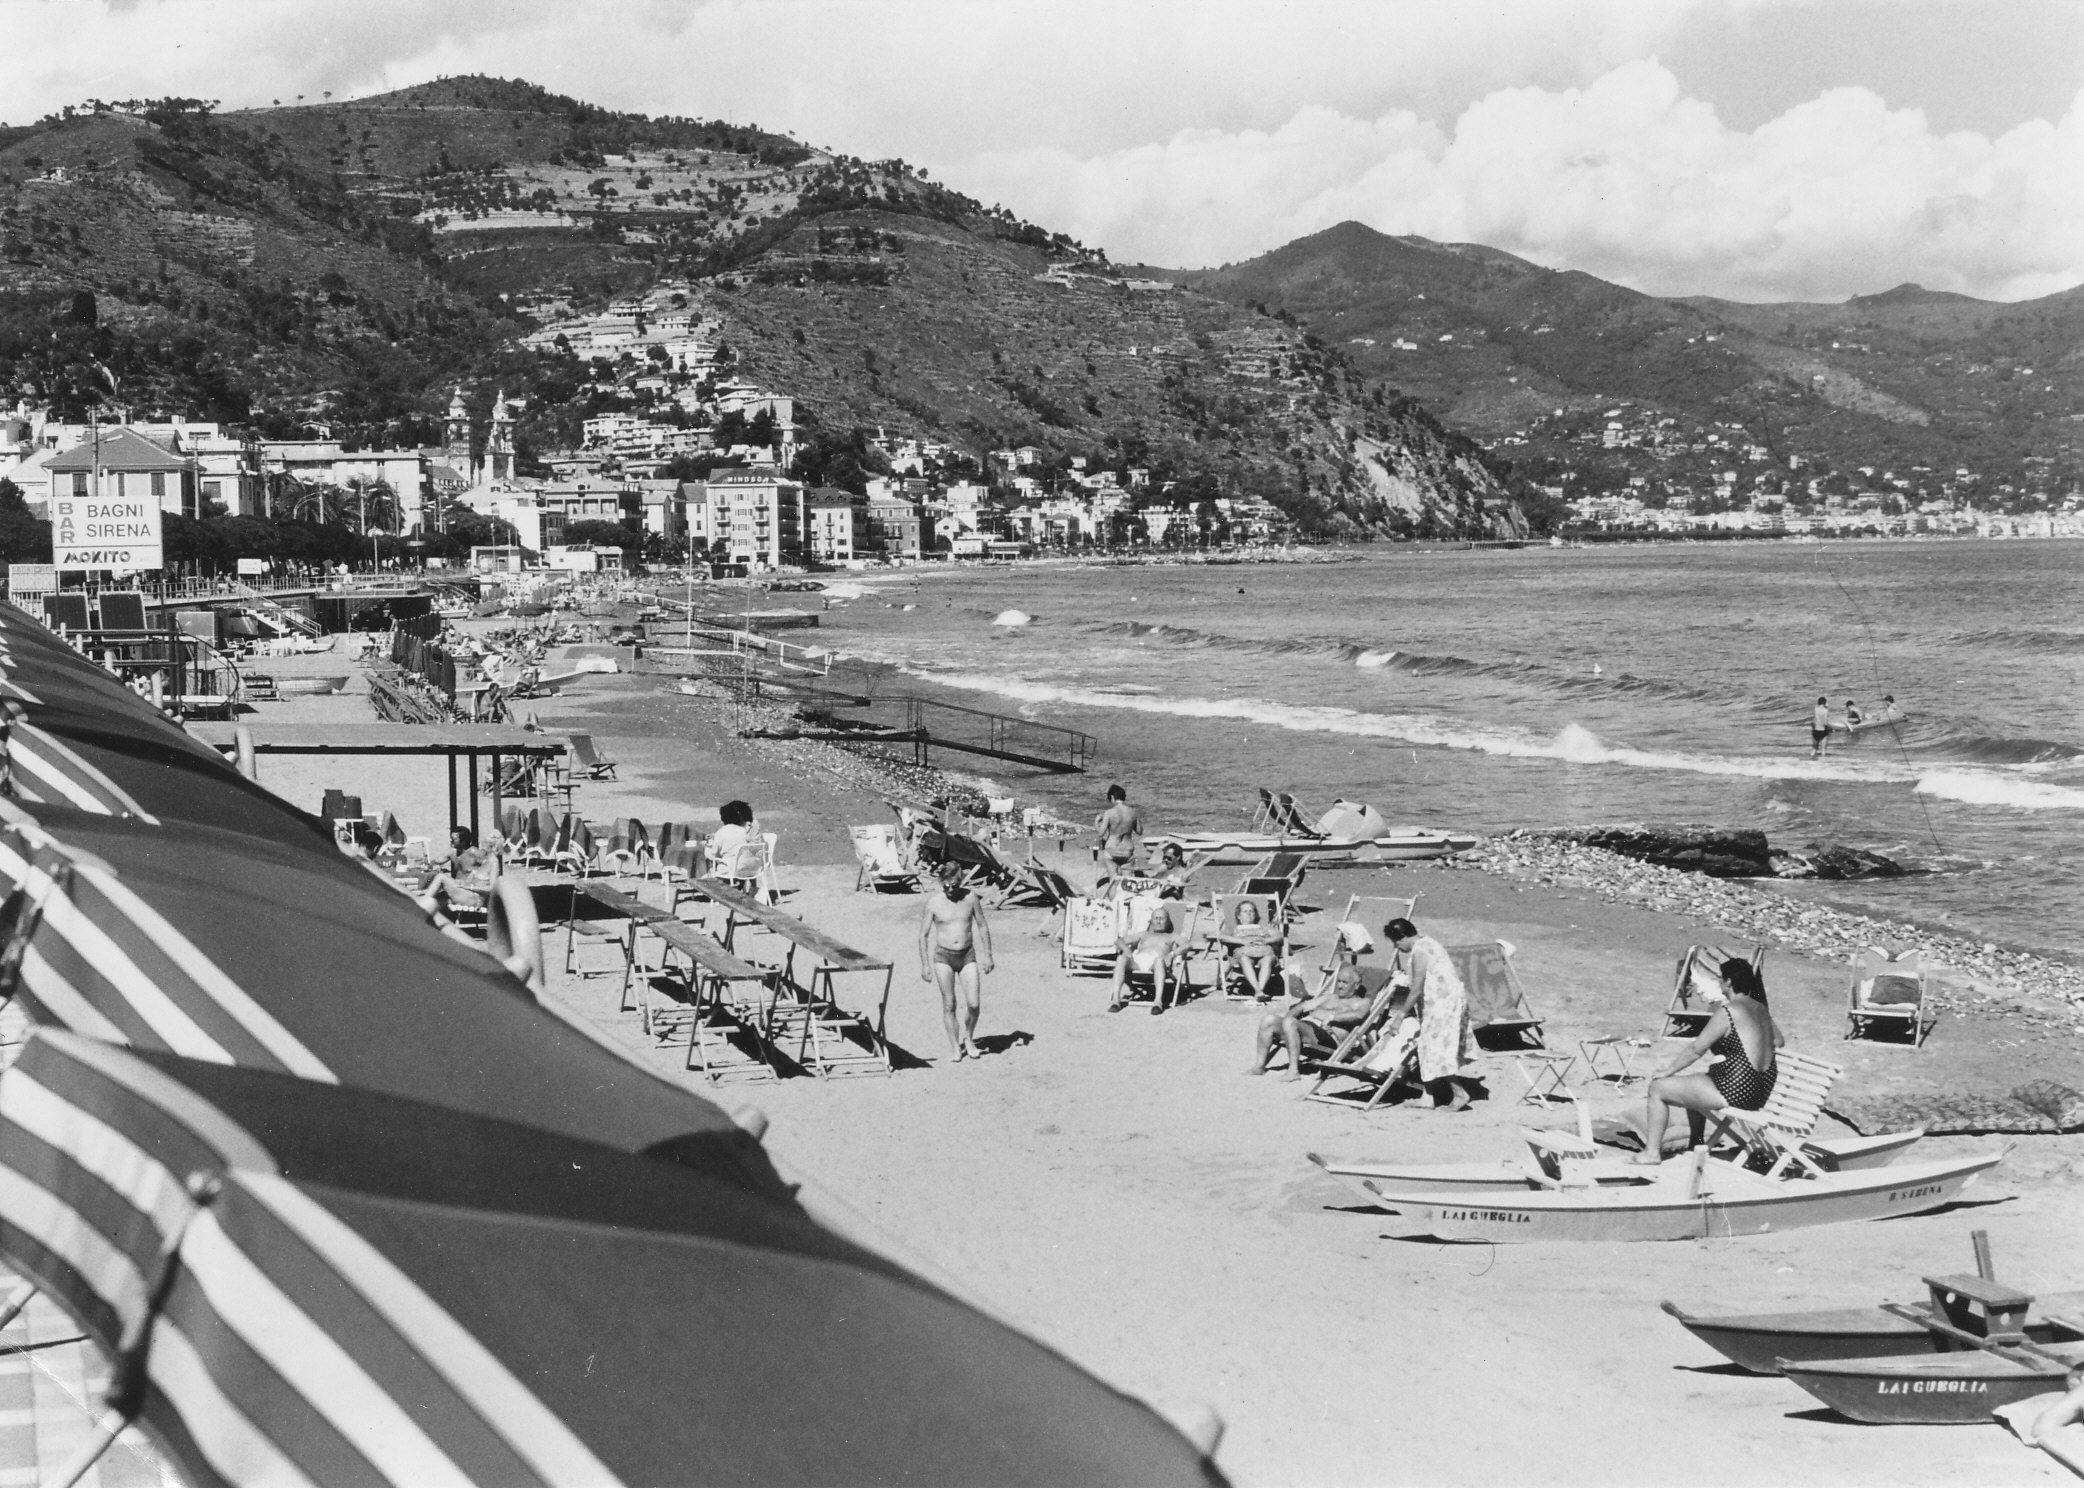 Stabilimenti balneari sul litorale di Laigueglia ...